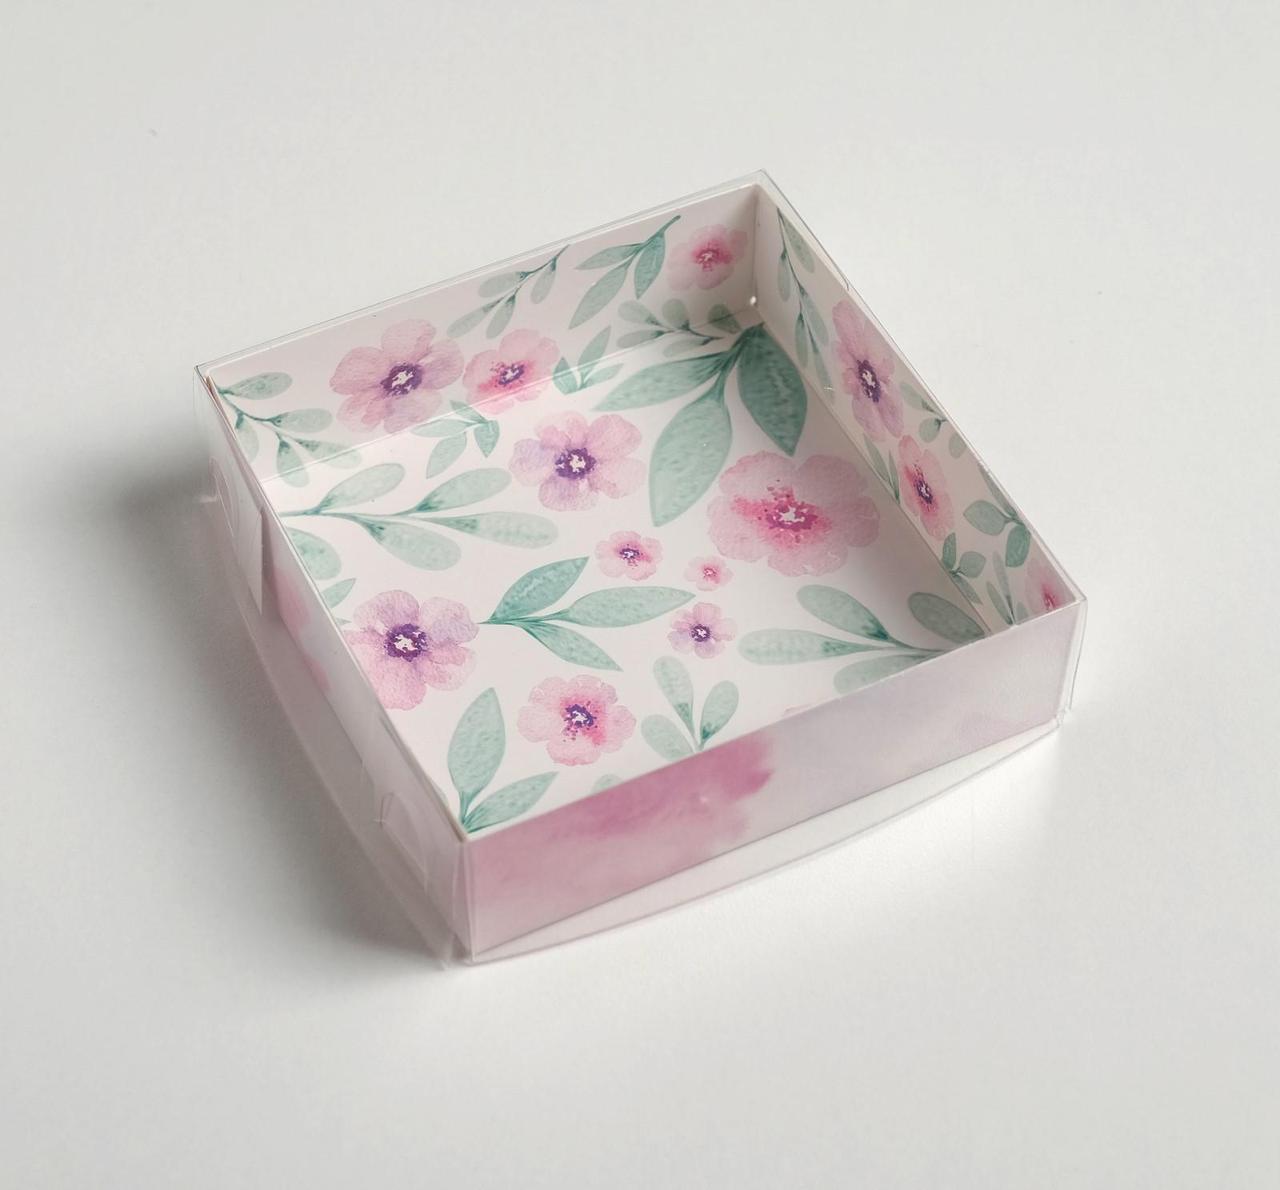 Коробка для кондитерских изделий с PVC крышкой «Весенний подарок», 12 х 12 х 3 см